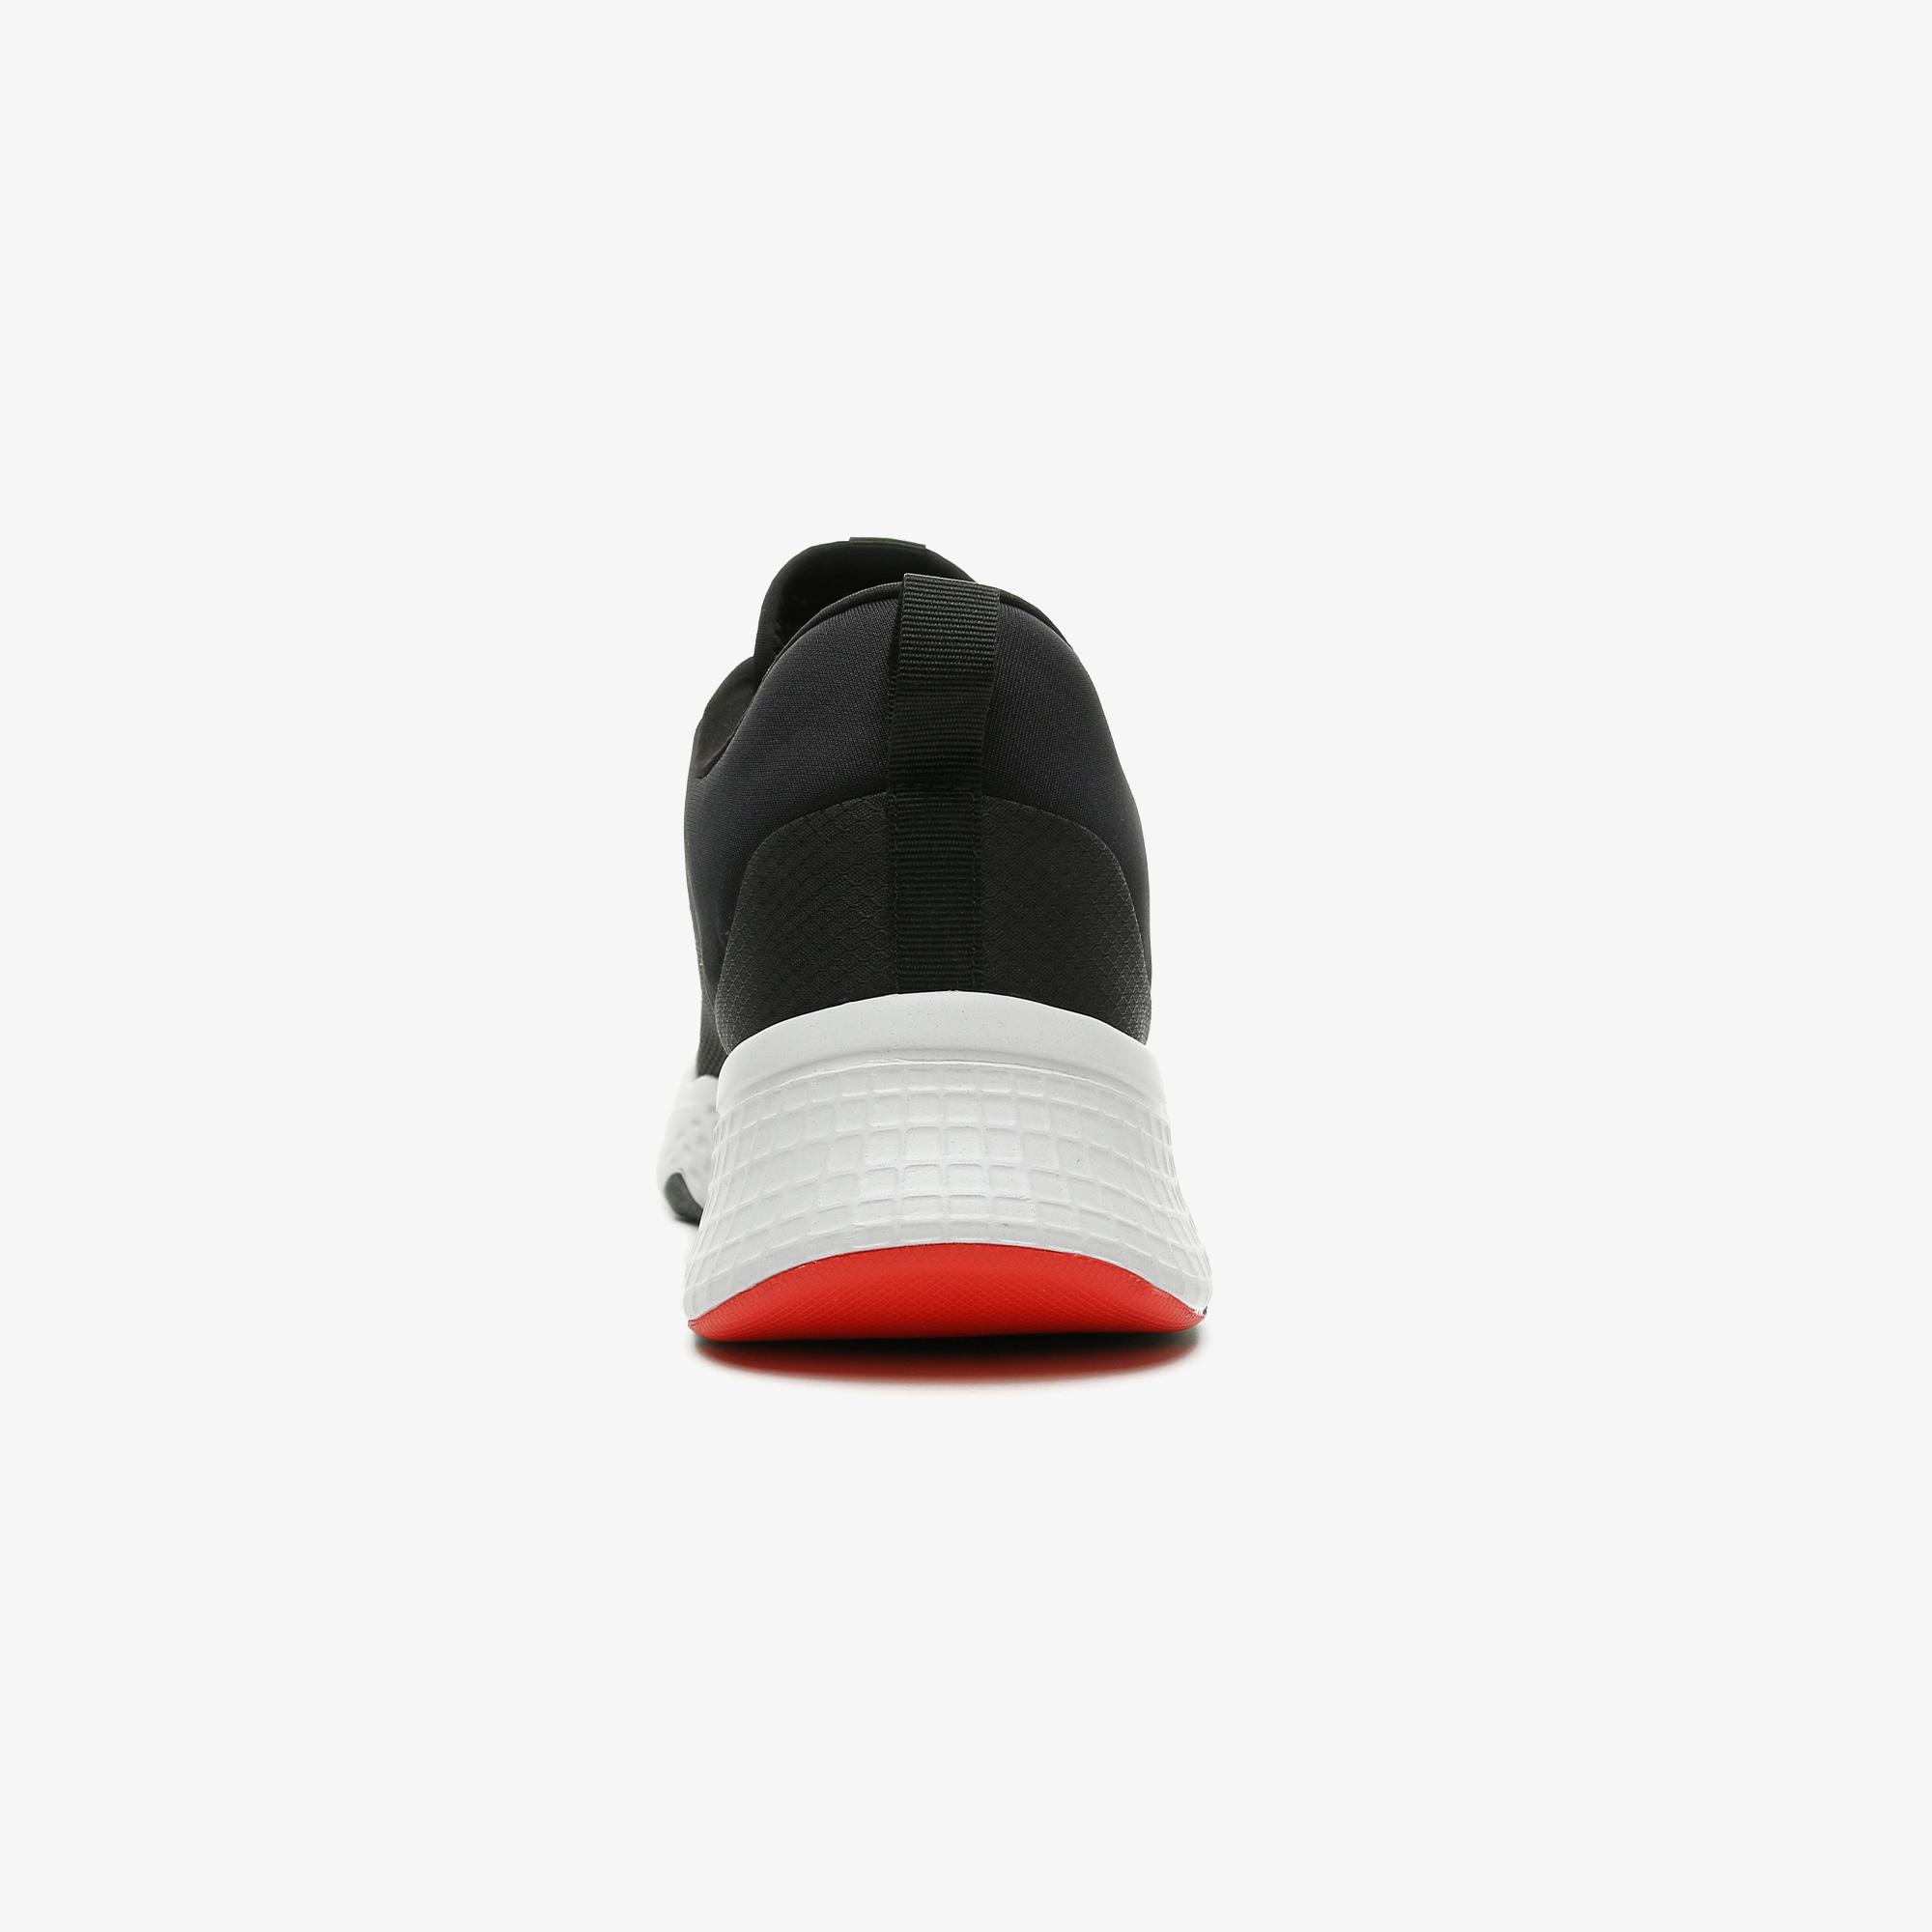 Lacoste Court-Drive 0721 1 Sma Erkek Siyah - Kırmızı Spor Ayakkabı